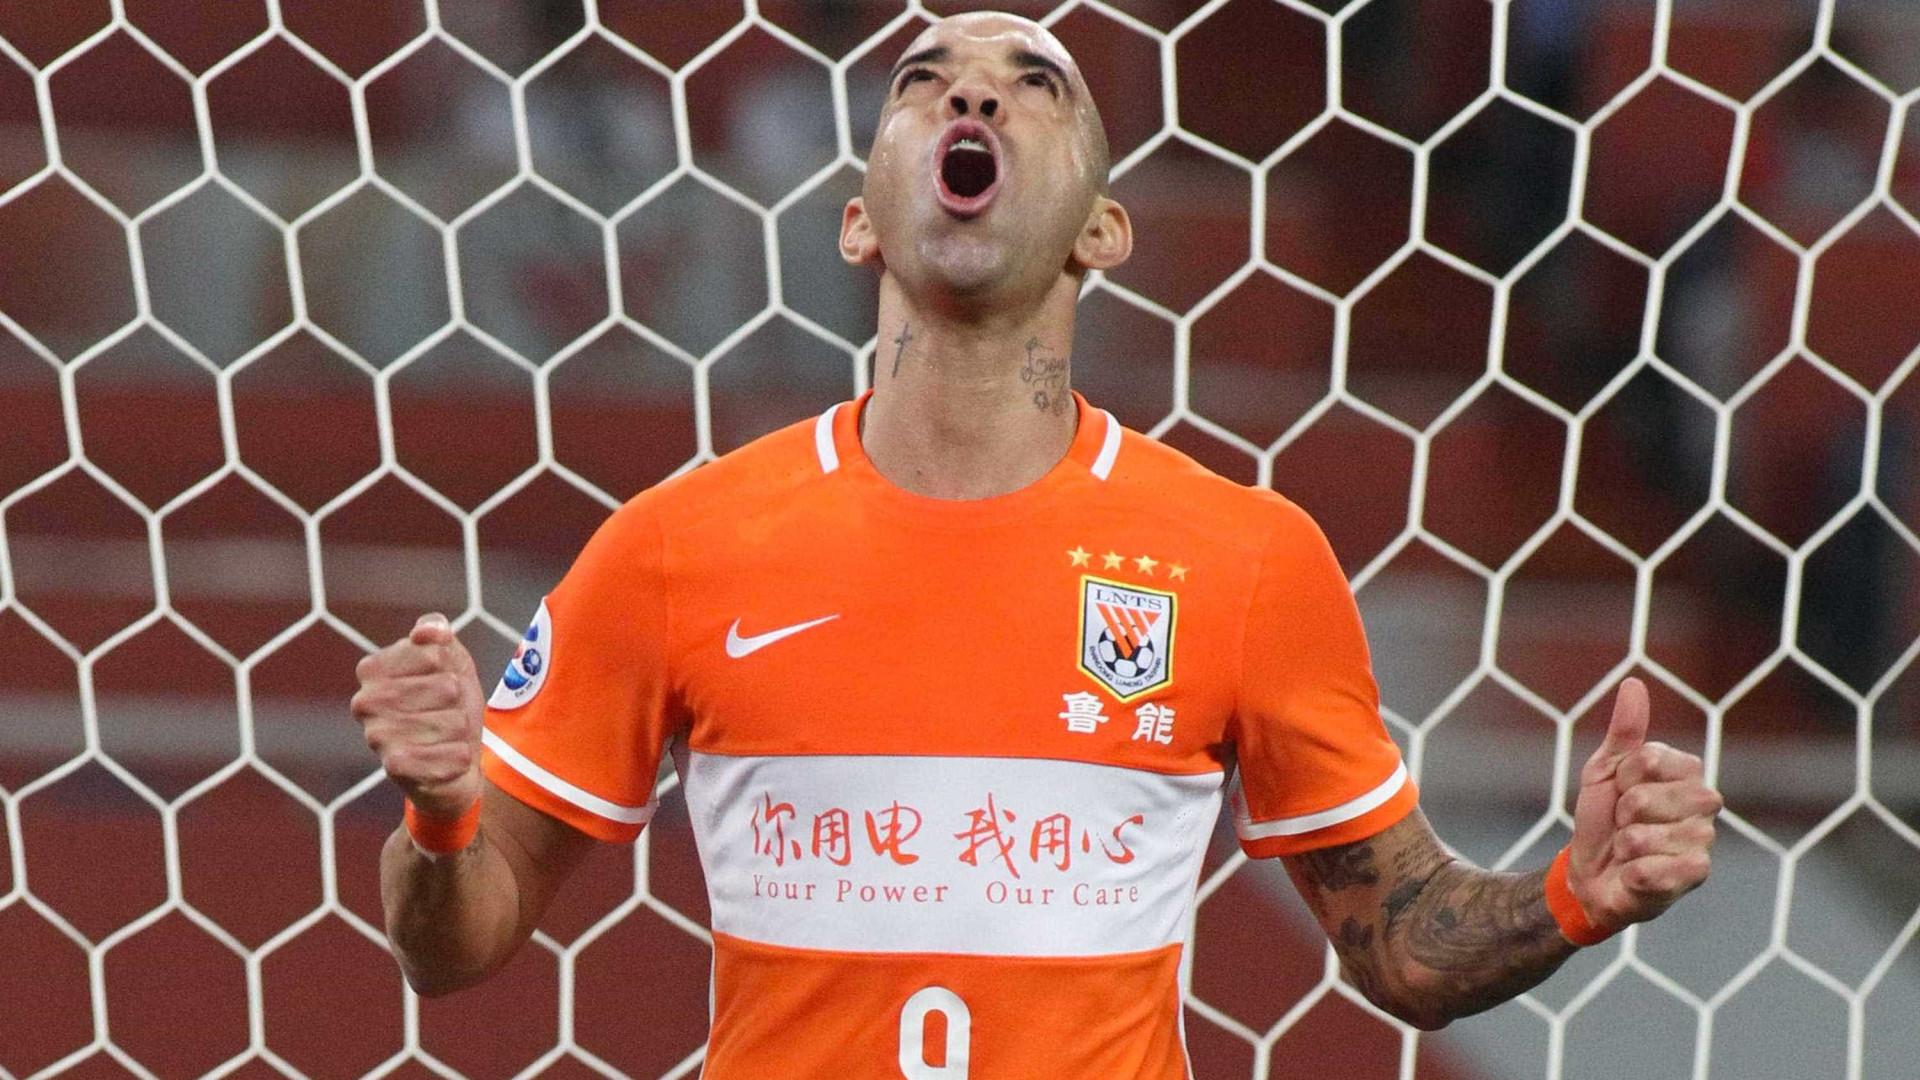 Diego Tardelli encaminha renovação de contrato com time chinês